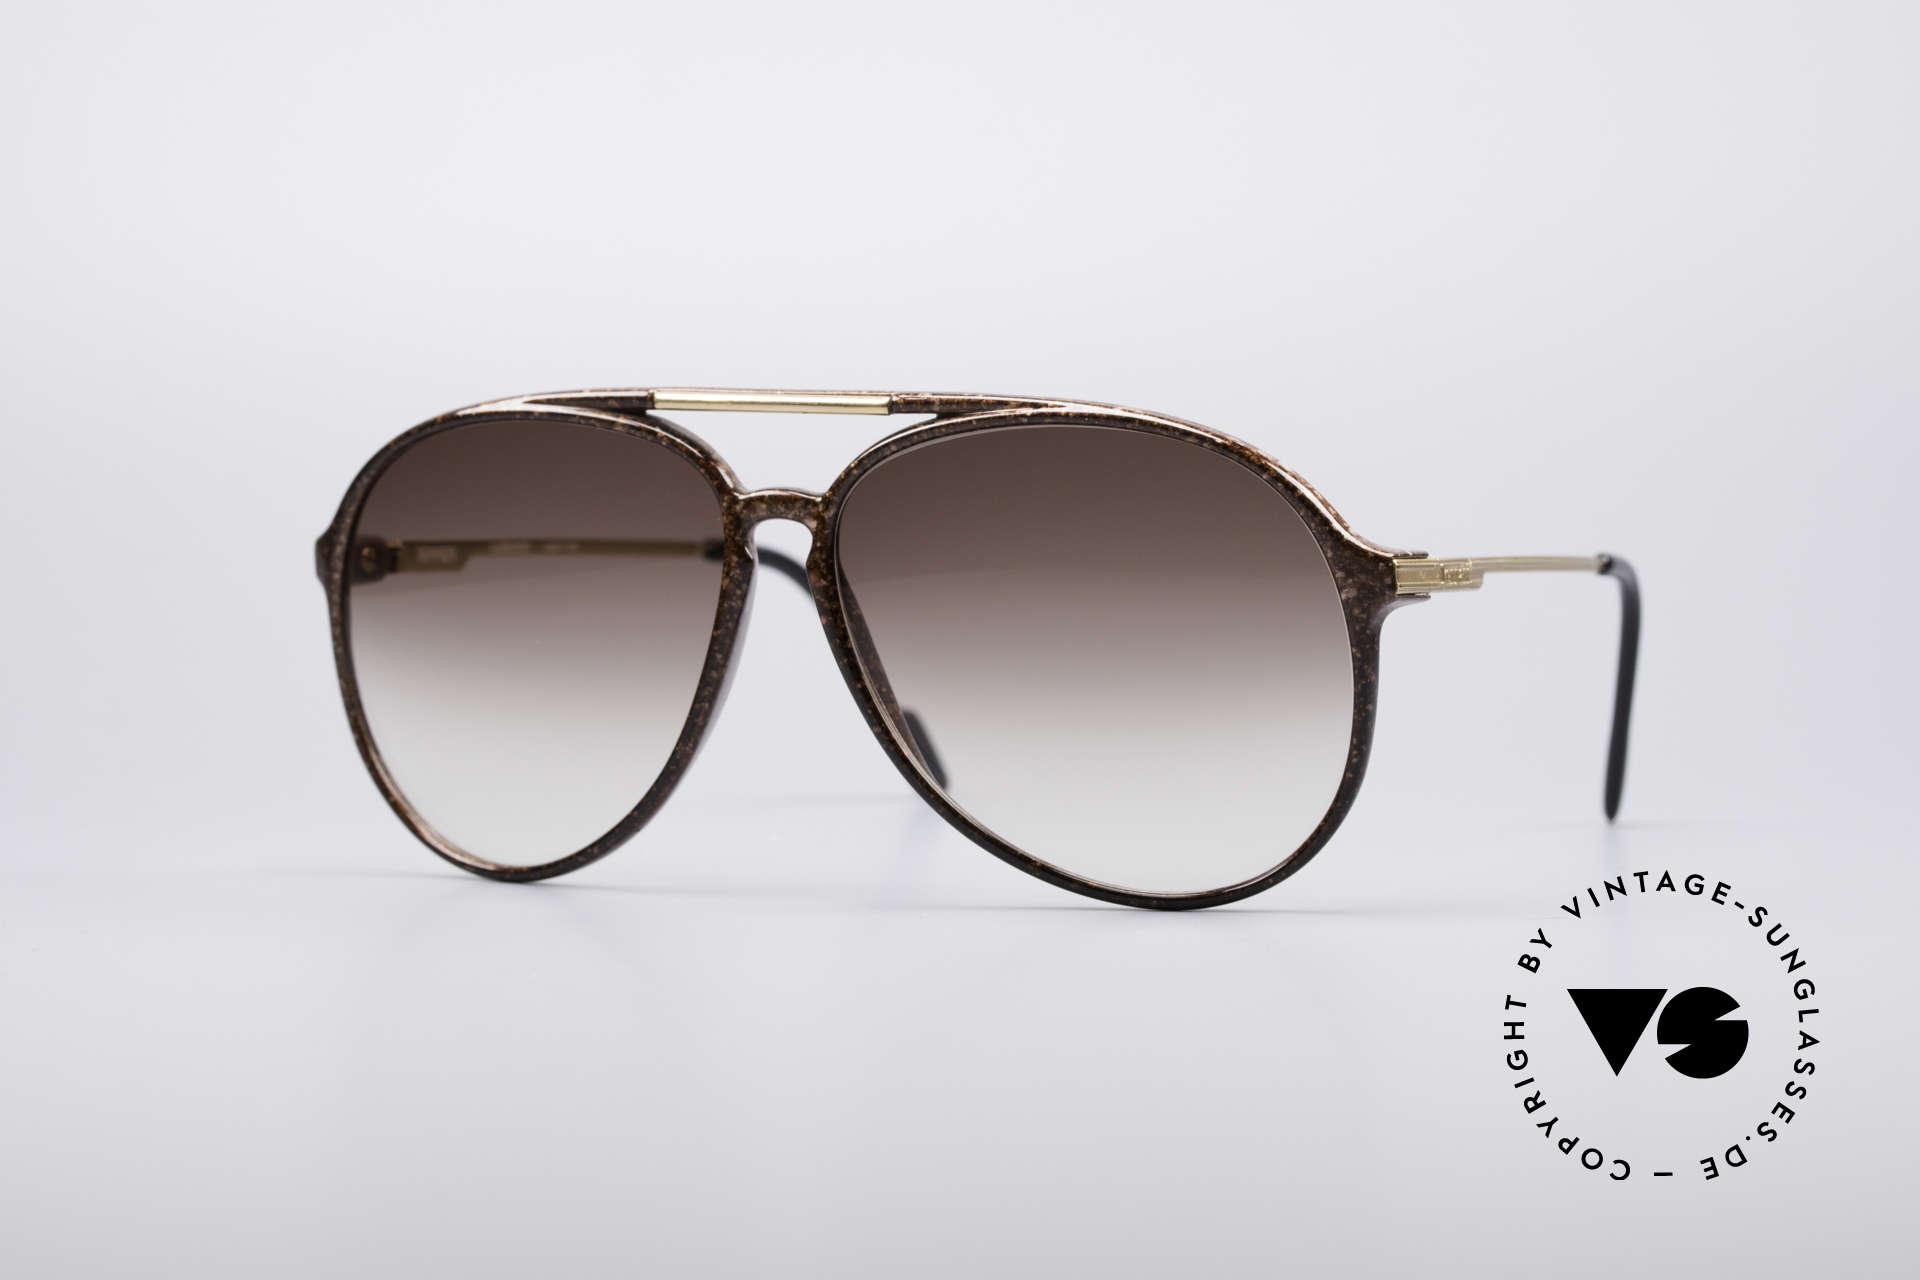 simplifying glasses ferrari m size brands eyeglasses oakley starting eye buy frames com life lenskart